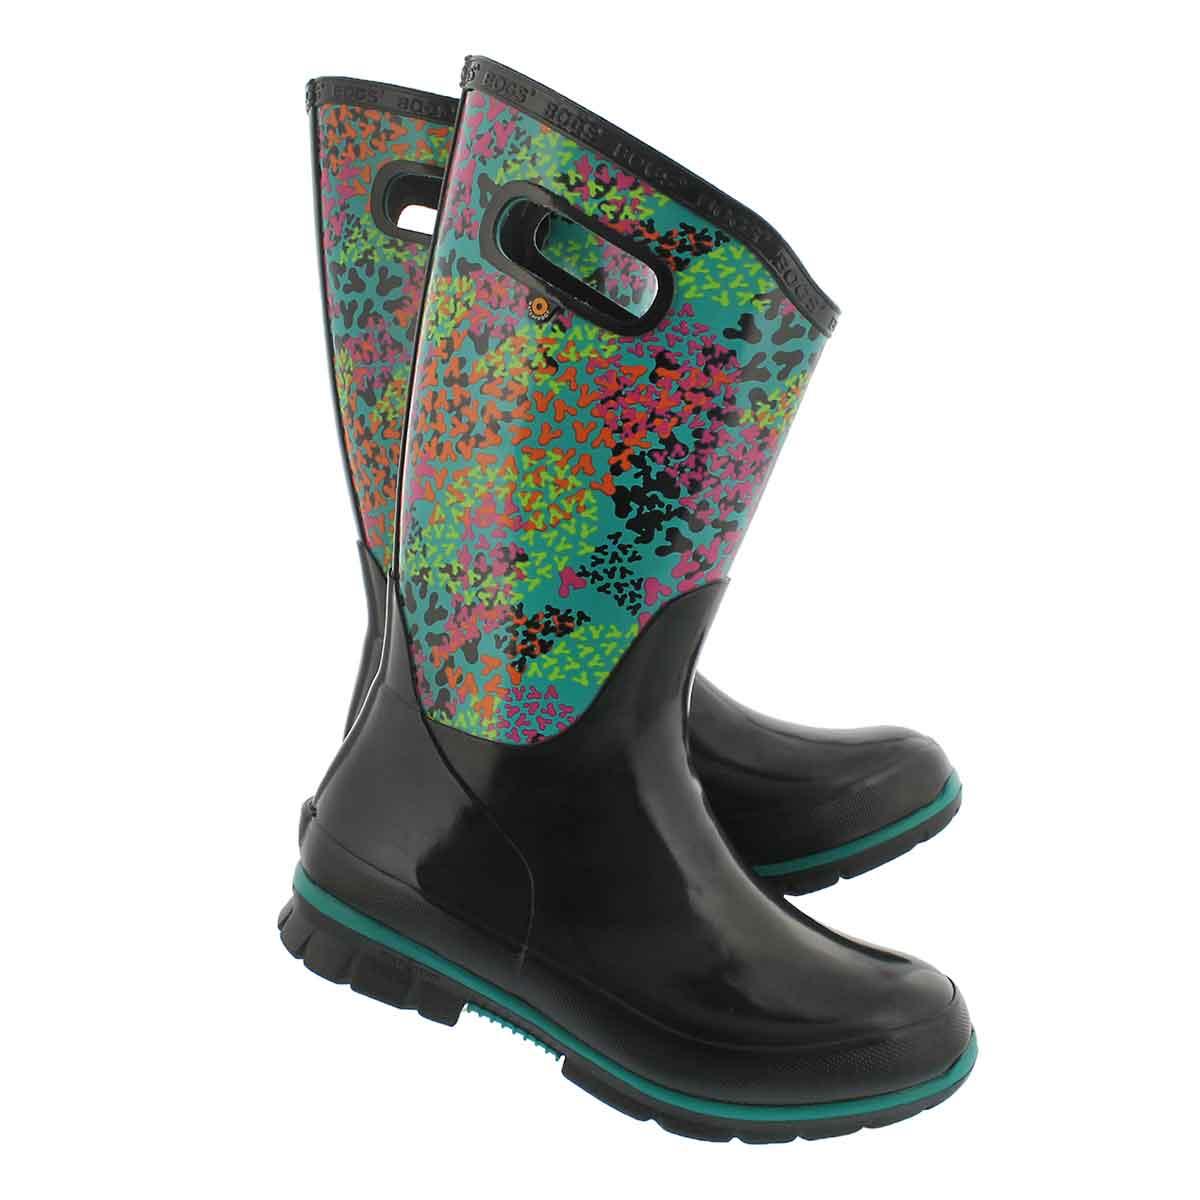 Lds Berkley FP blk mlti wtpf rain boot